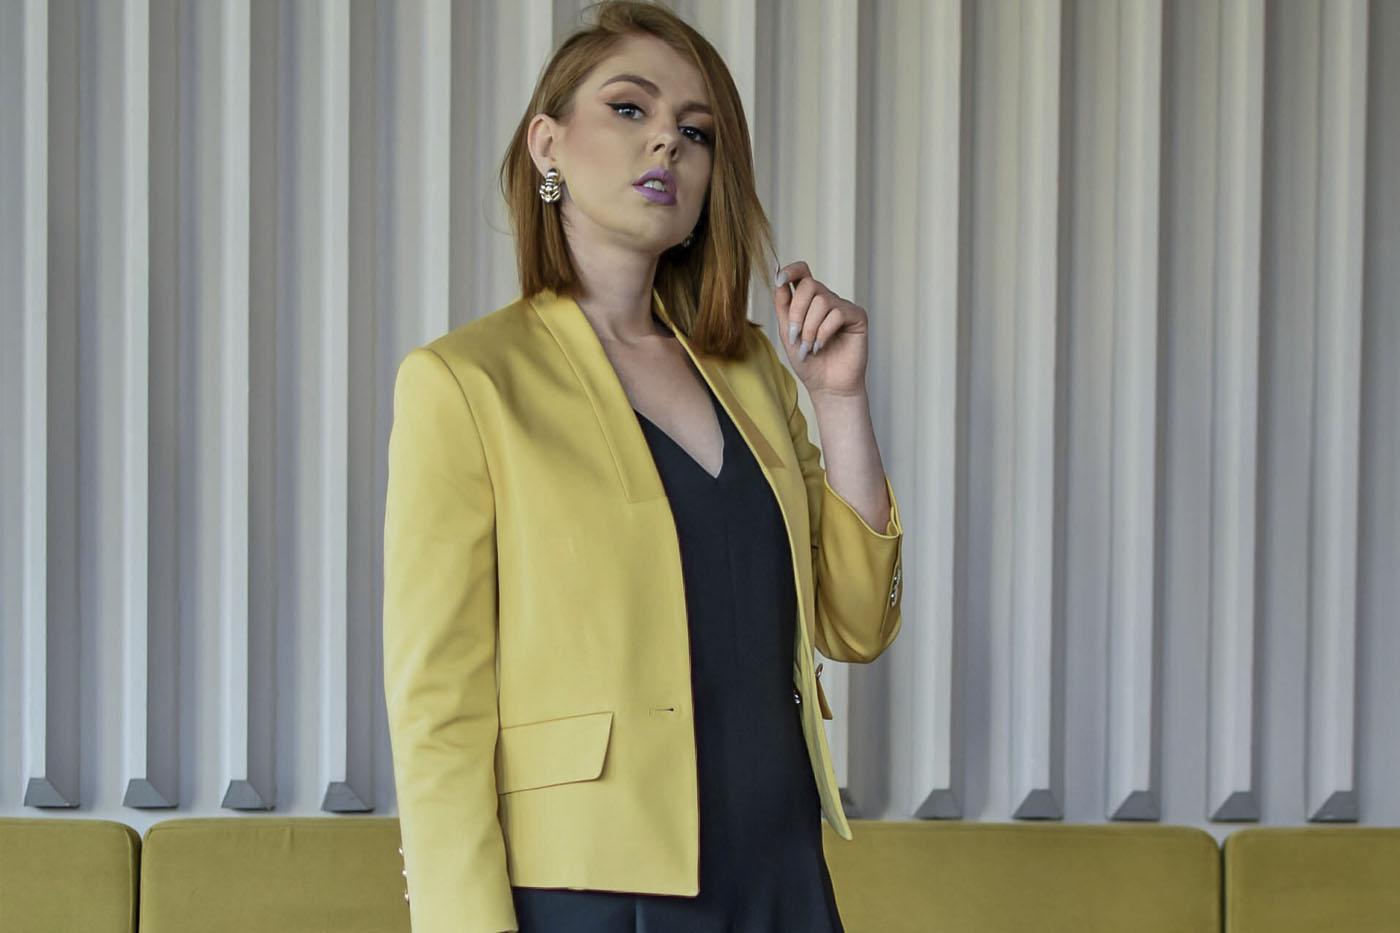 Женские пиджаки и жакеты. Обзор трендов 2021